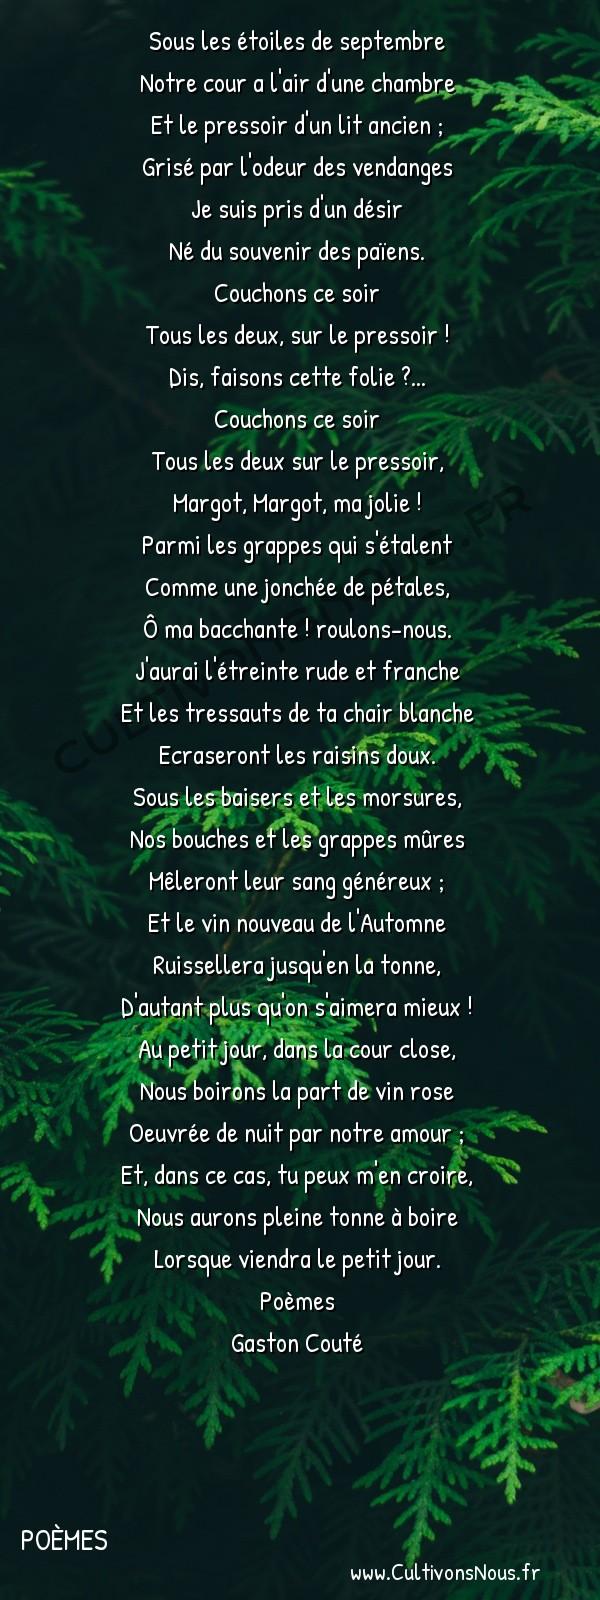 Poésie Gaston Couté - Poèmes - Sur le pressoir -  Sous les étoiles de septembre Notre cour a l'air d'une chambre